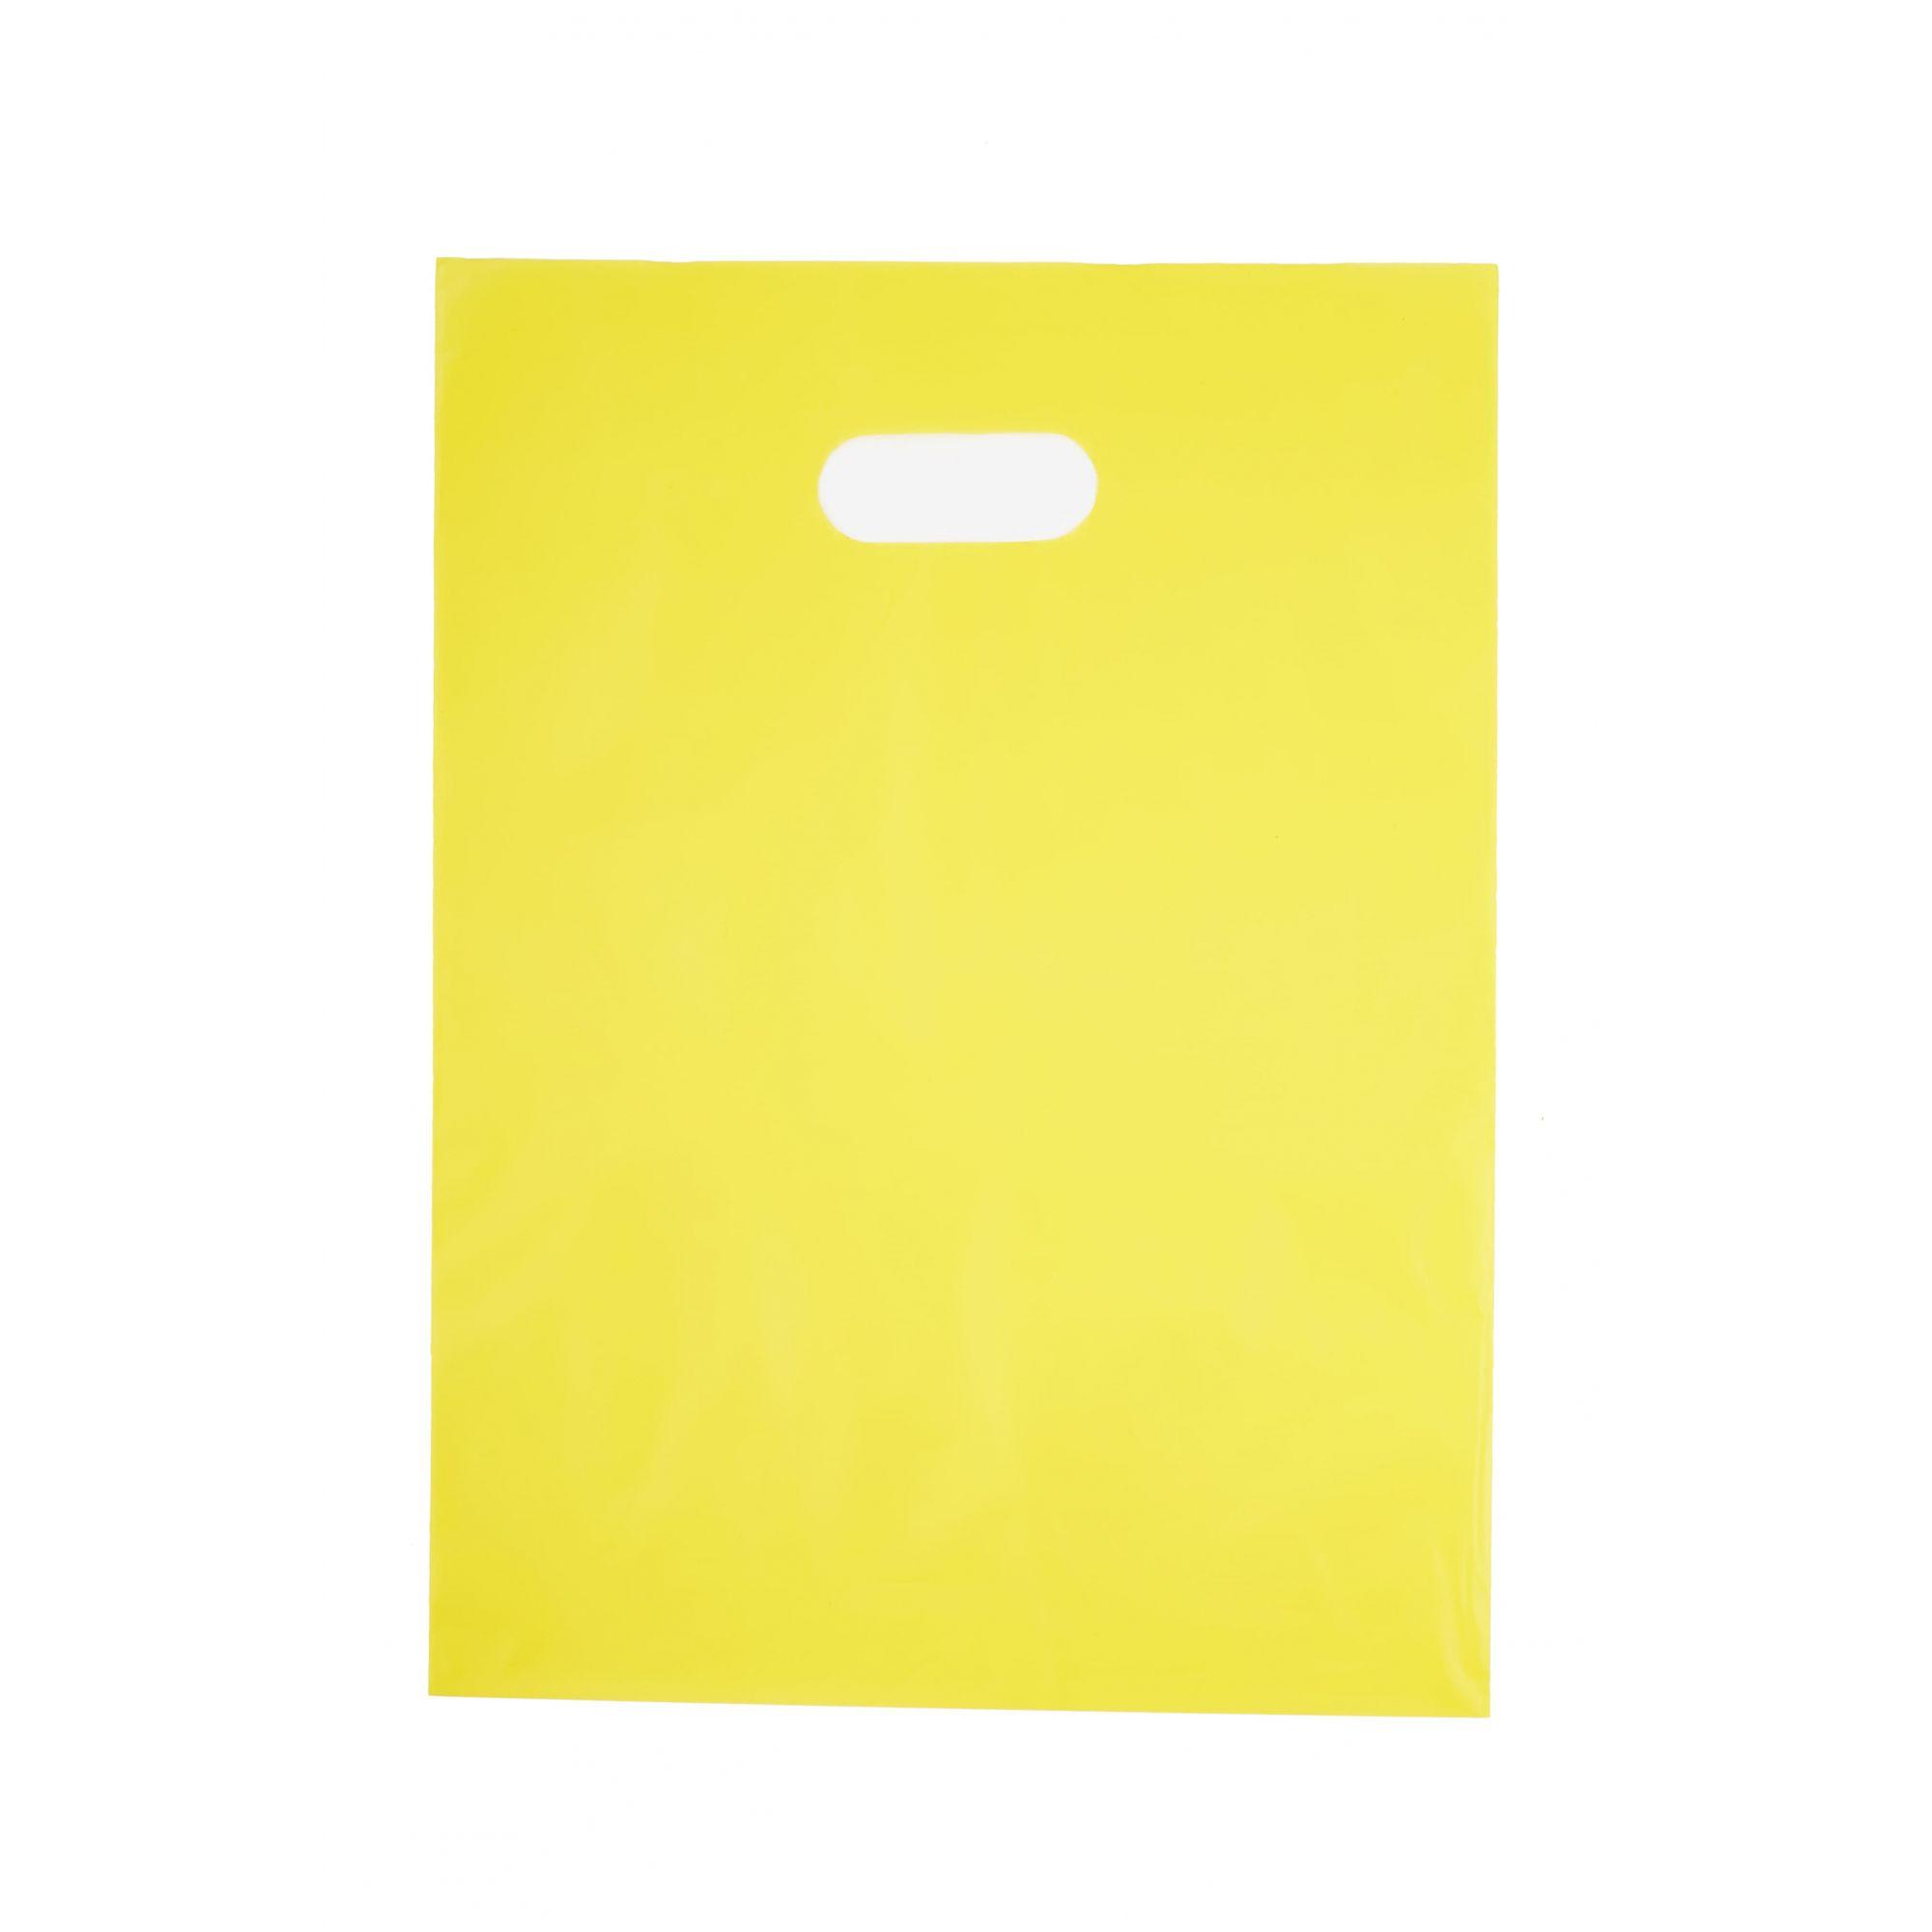 Sacola Plástica 35x44 Amarela - Alça Boca de Palhaço